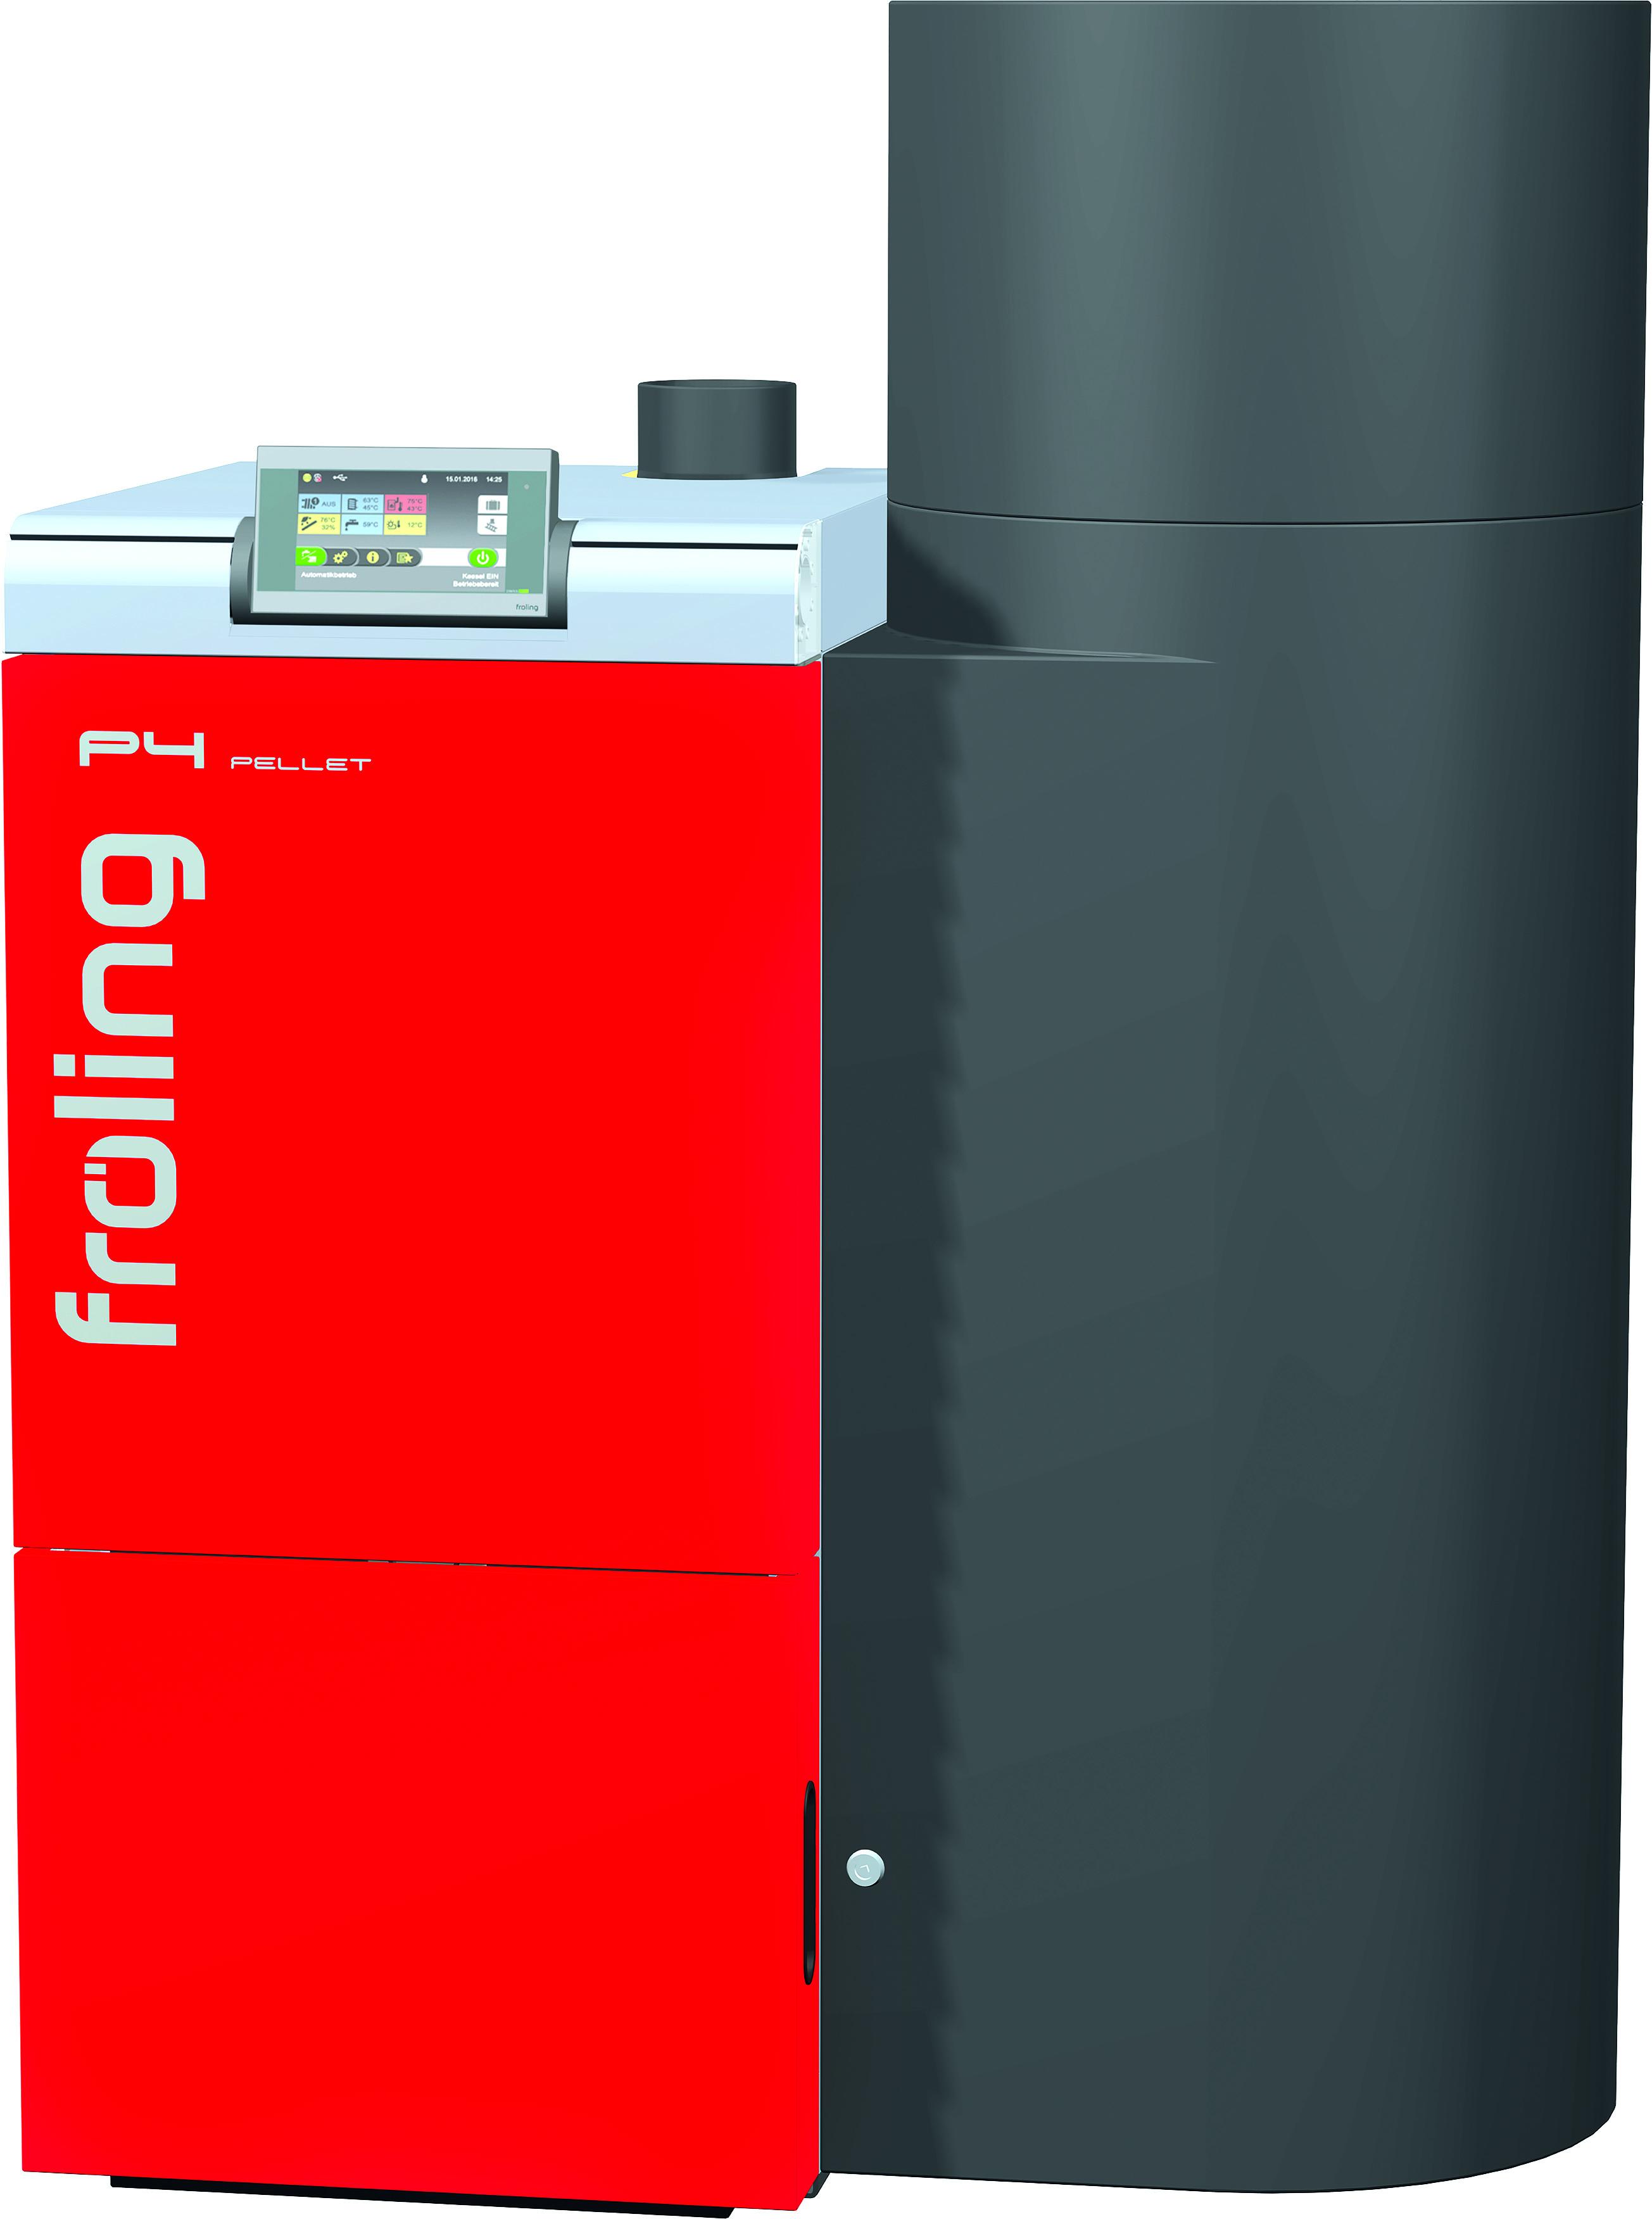 Chaudi u00e8reà granulés de bois P4 P4 Pellet 20 Puissance 20,0 kW contenance en eau 80 l  # Chaudiere Granulés De Bois